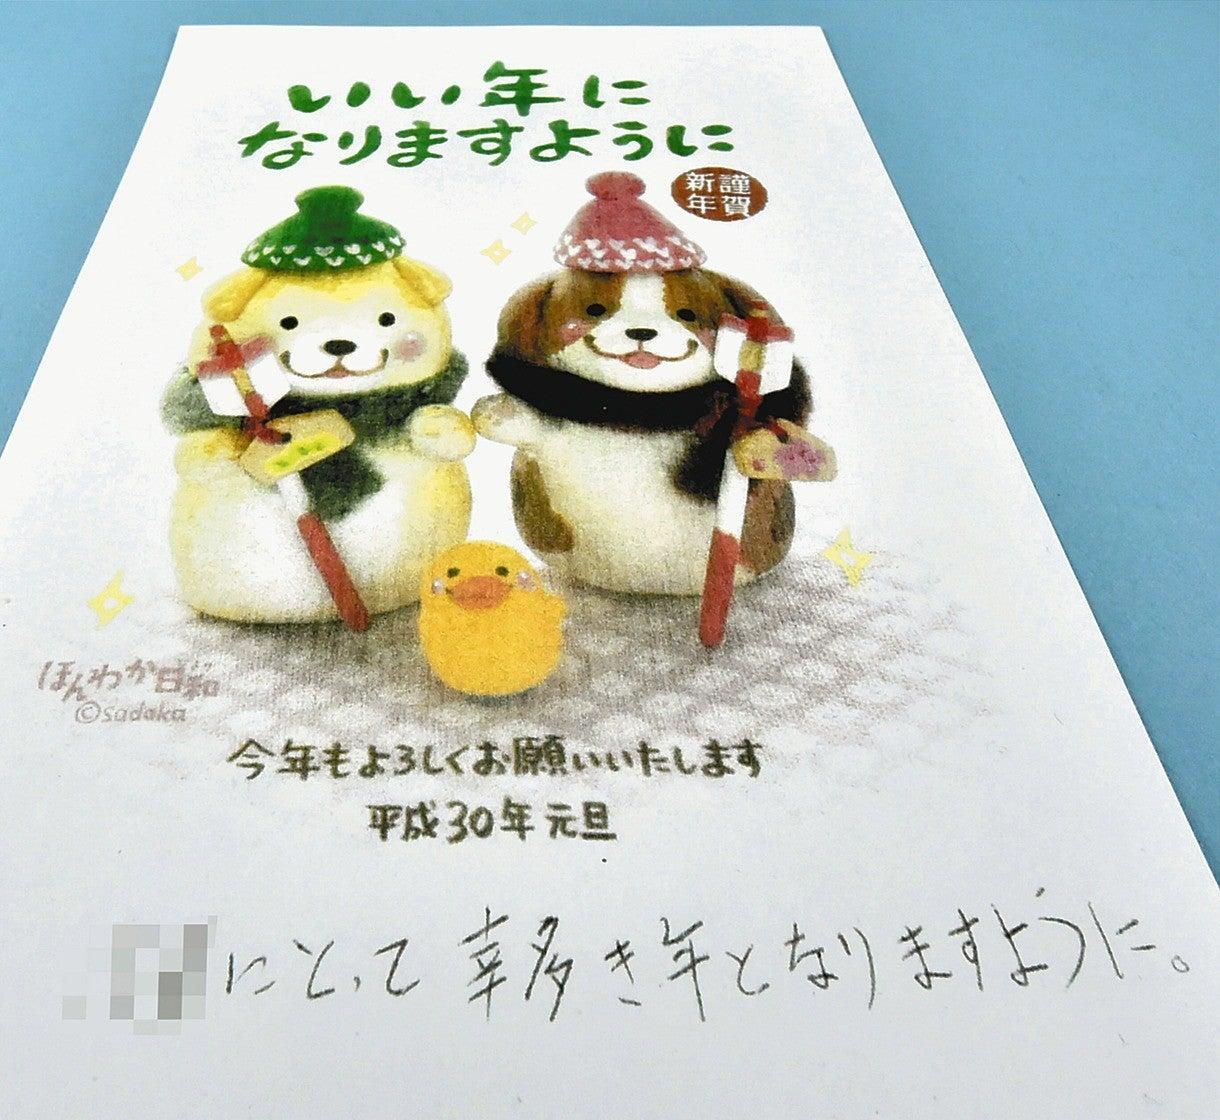 竹内さんが長男に送った年賀状の写し